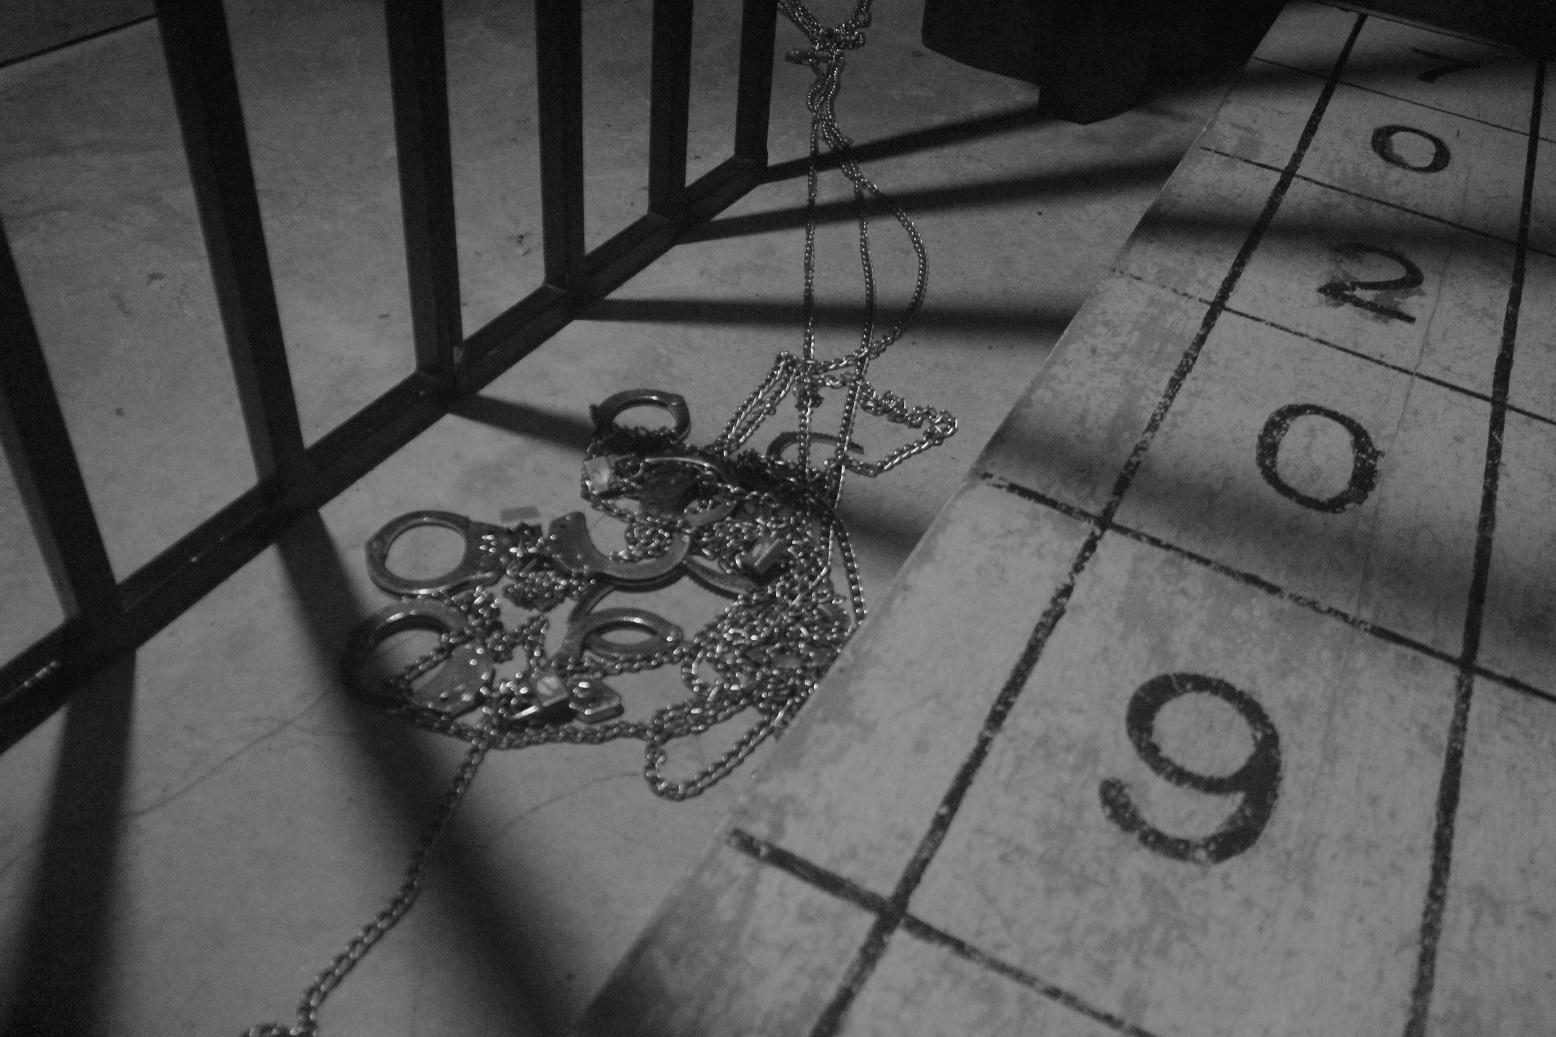 Novus - Mr Oswald's Greatest Show